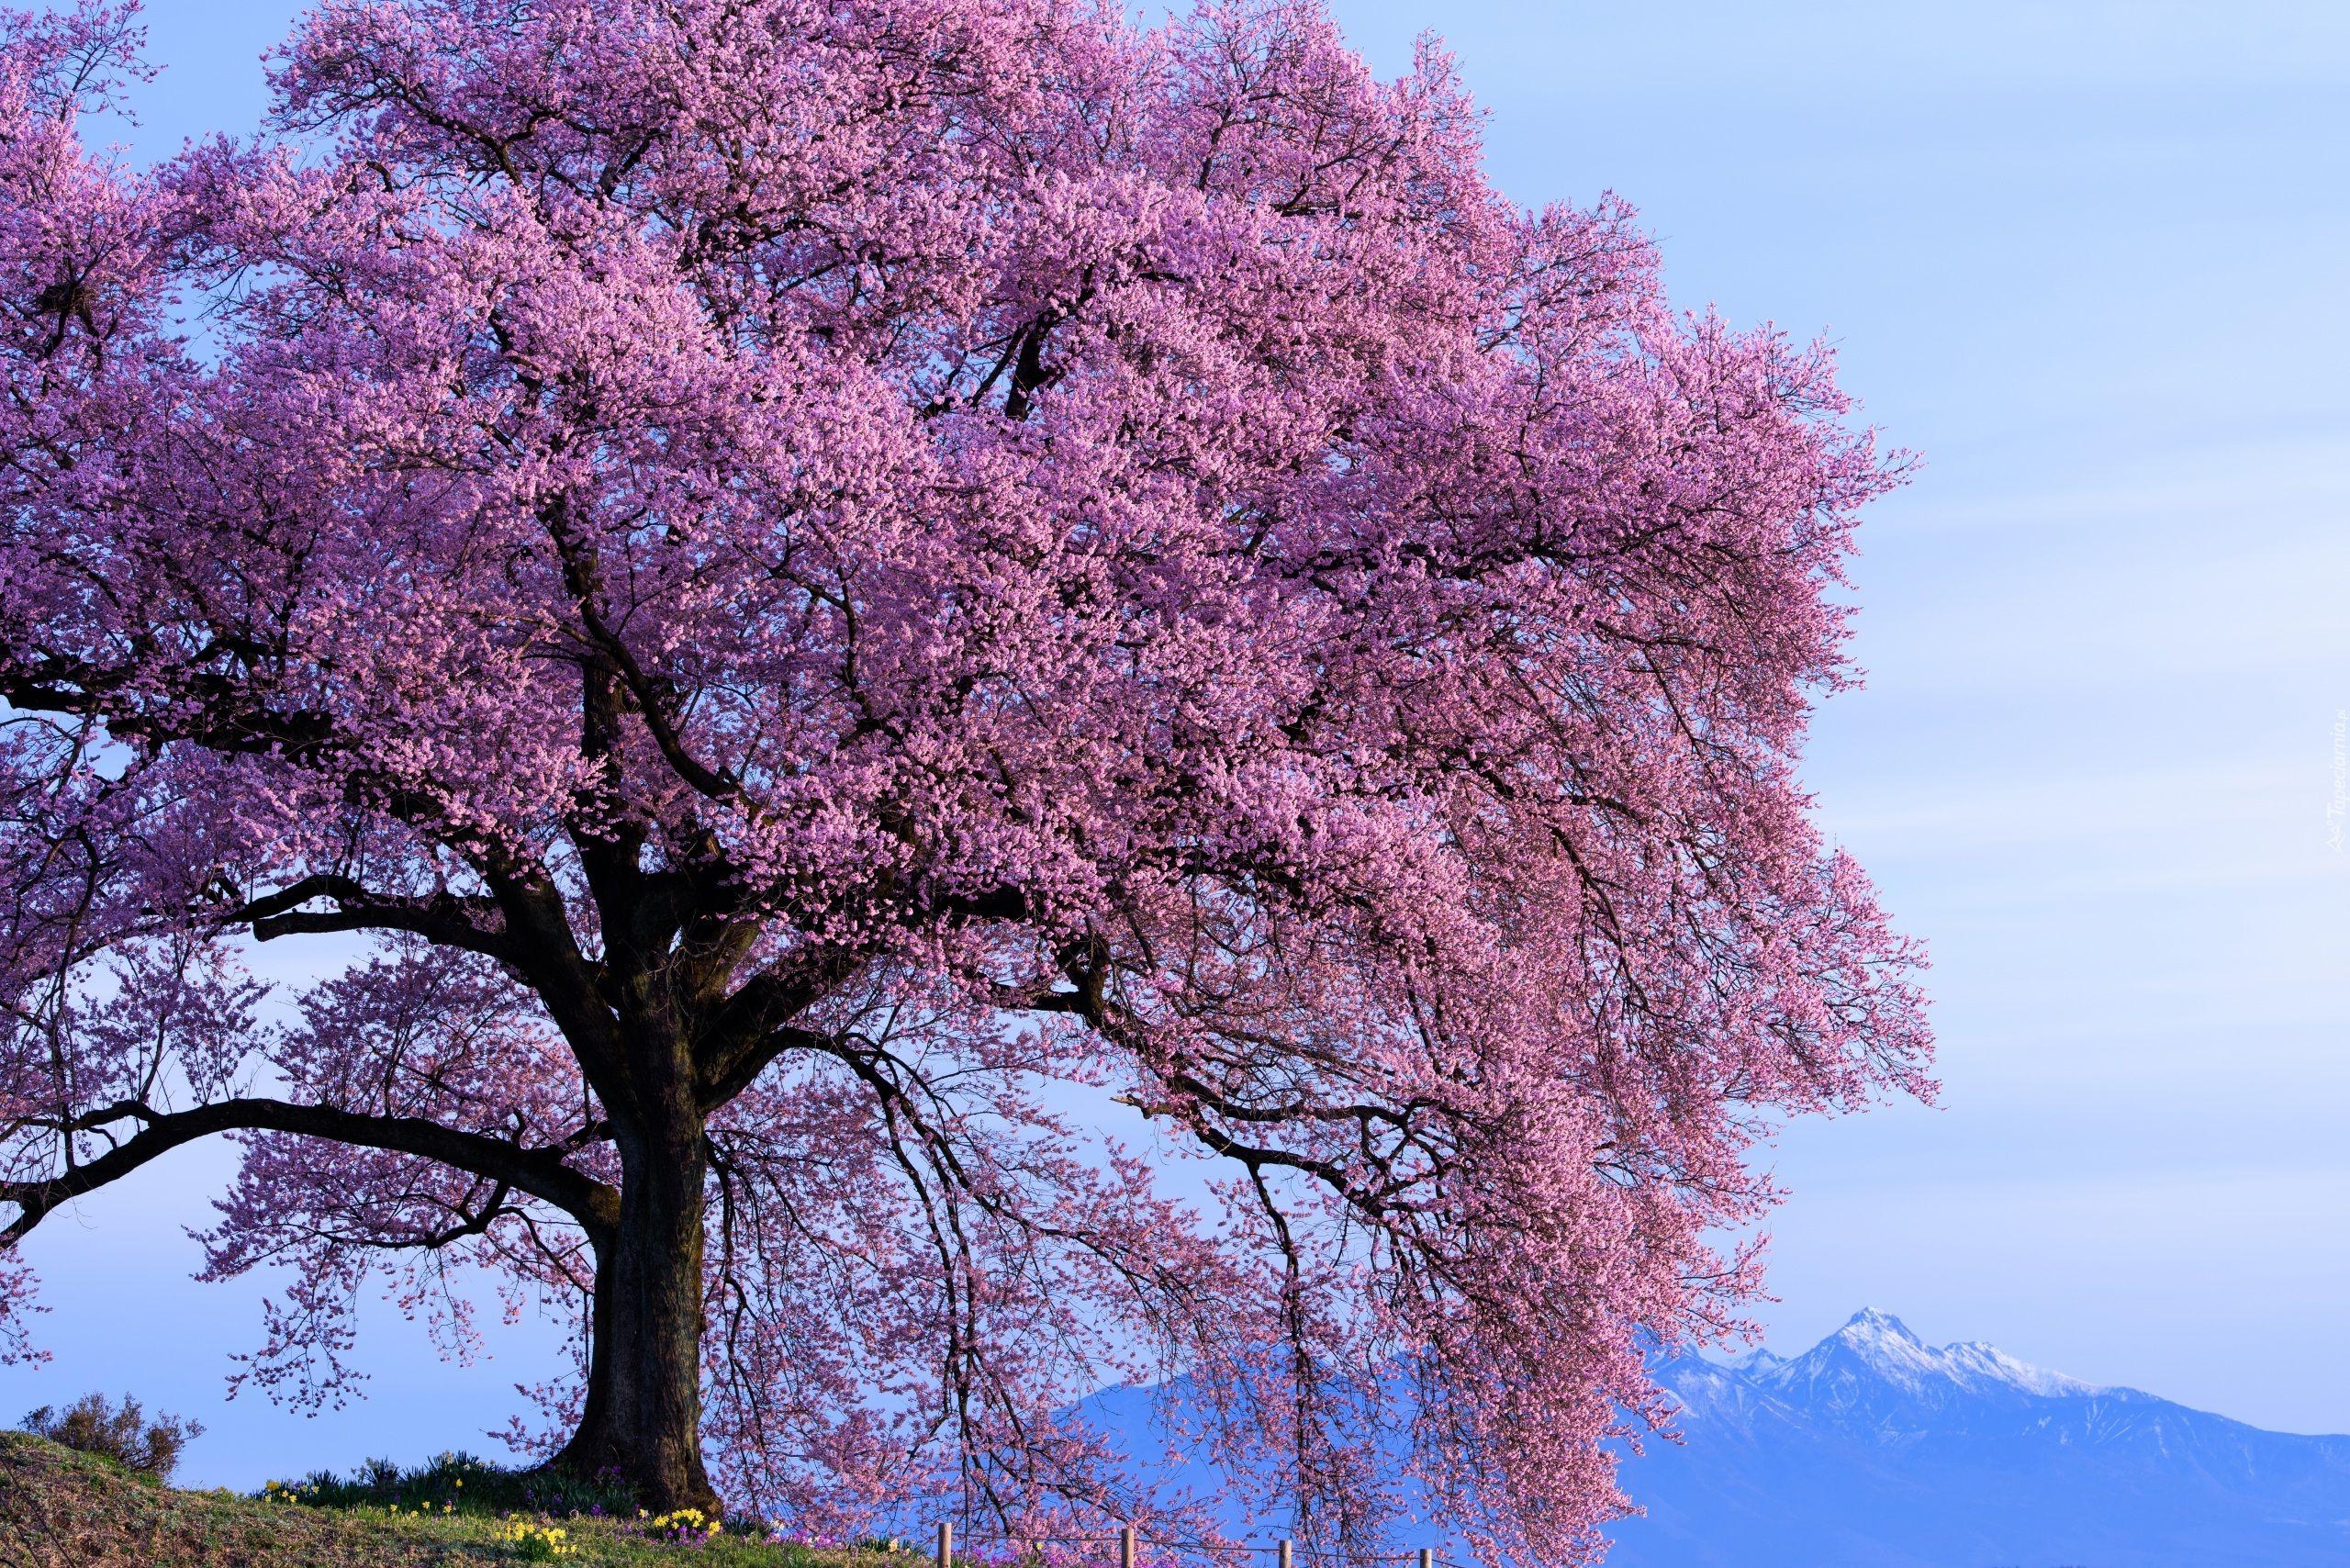 Kwitnace Drzewo Wiosna Gory Spring Flowers Beautiful Flowers Spring Tree